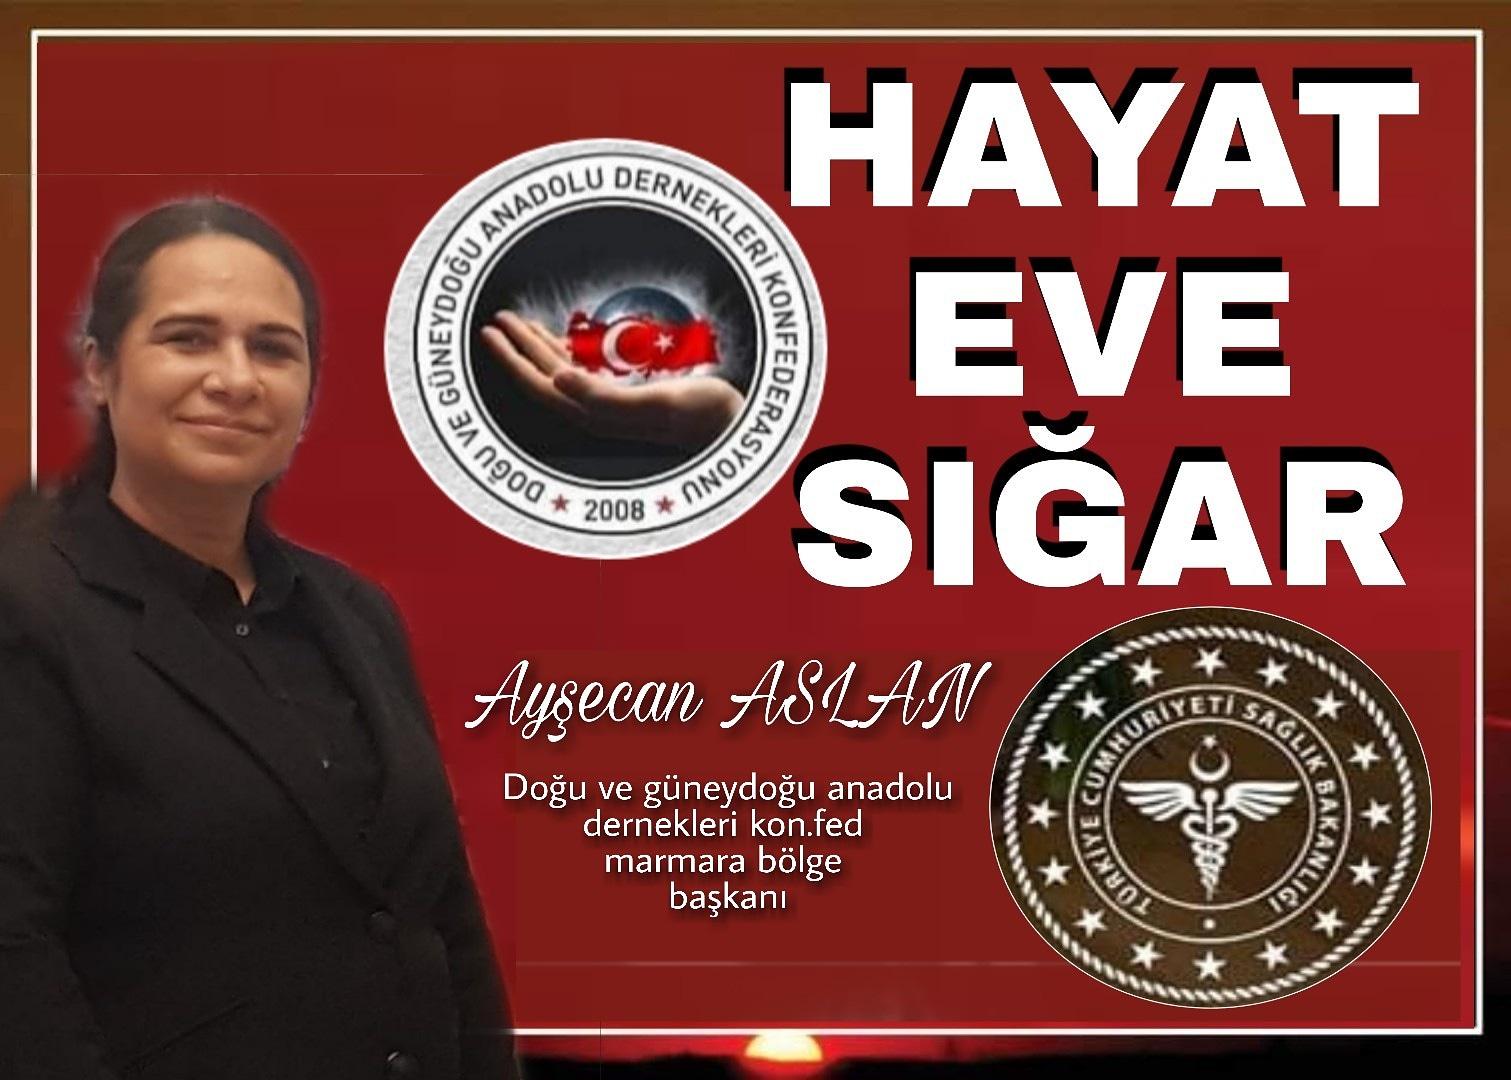 Ayşecan Aslan ; Lütfen Dikkat! Birlik Olma Günü